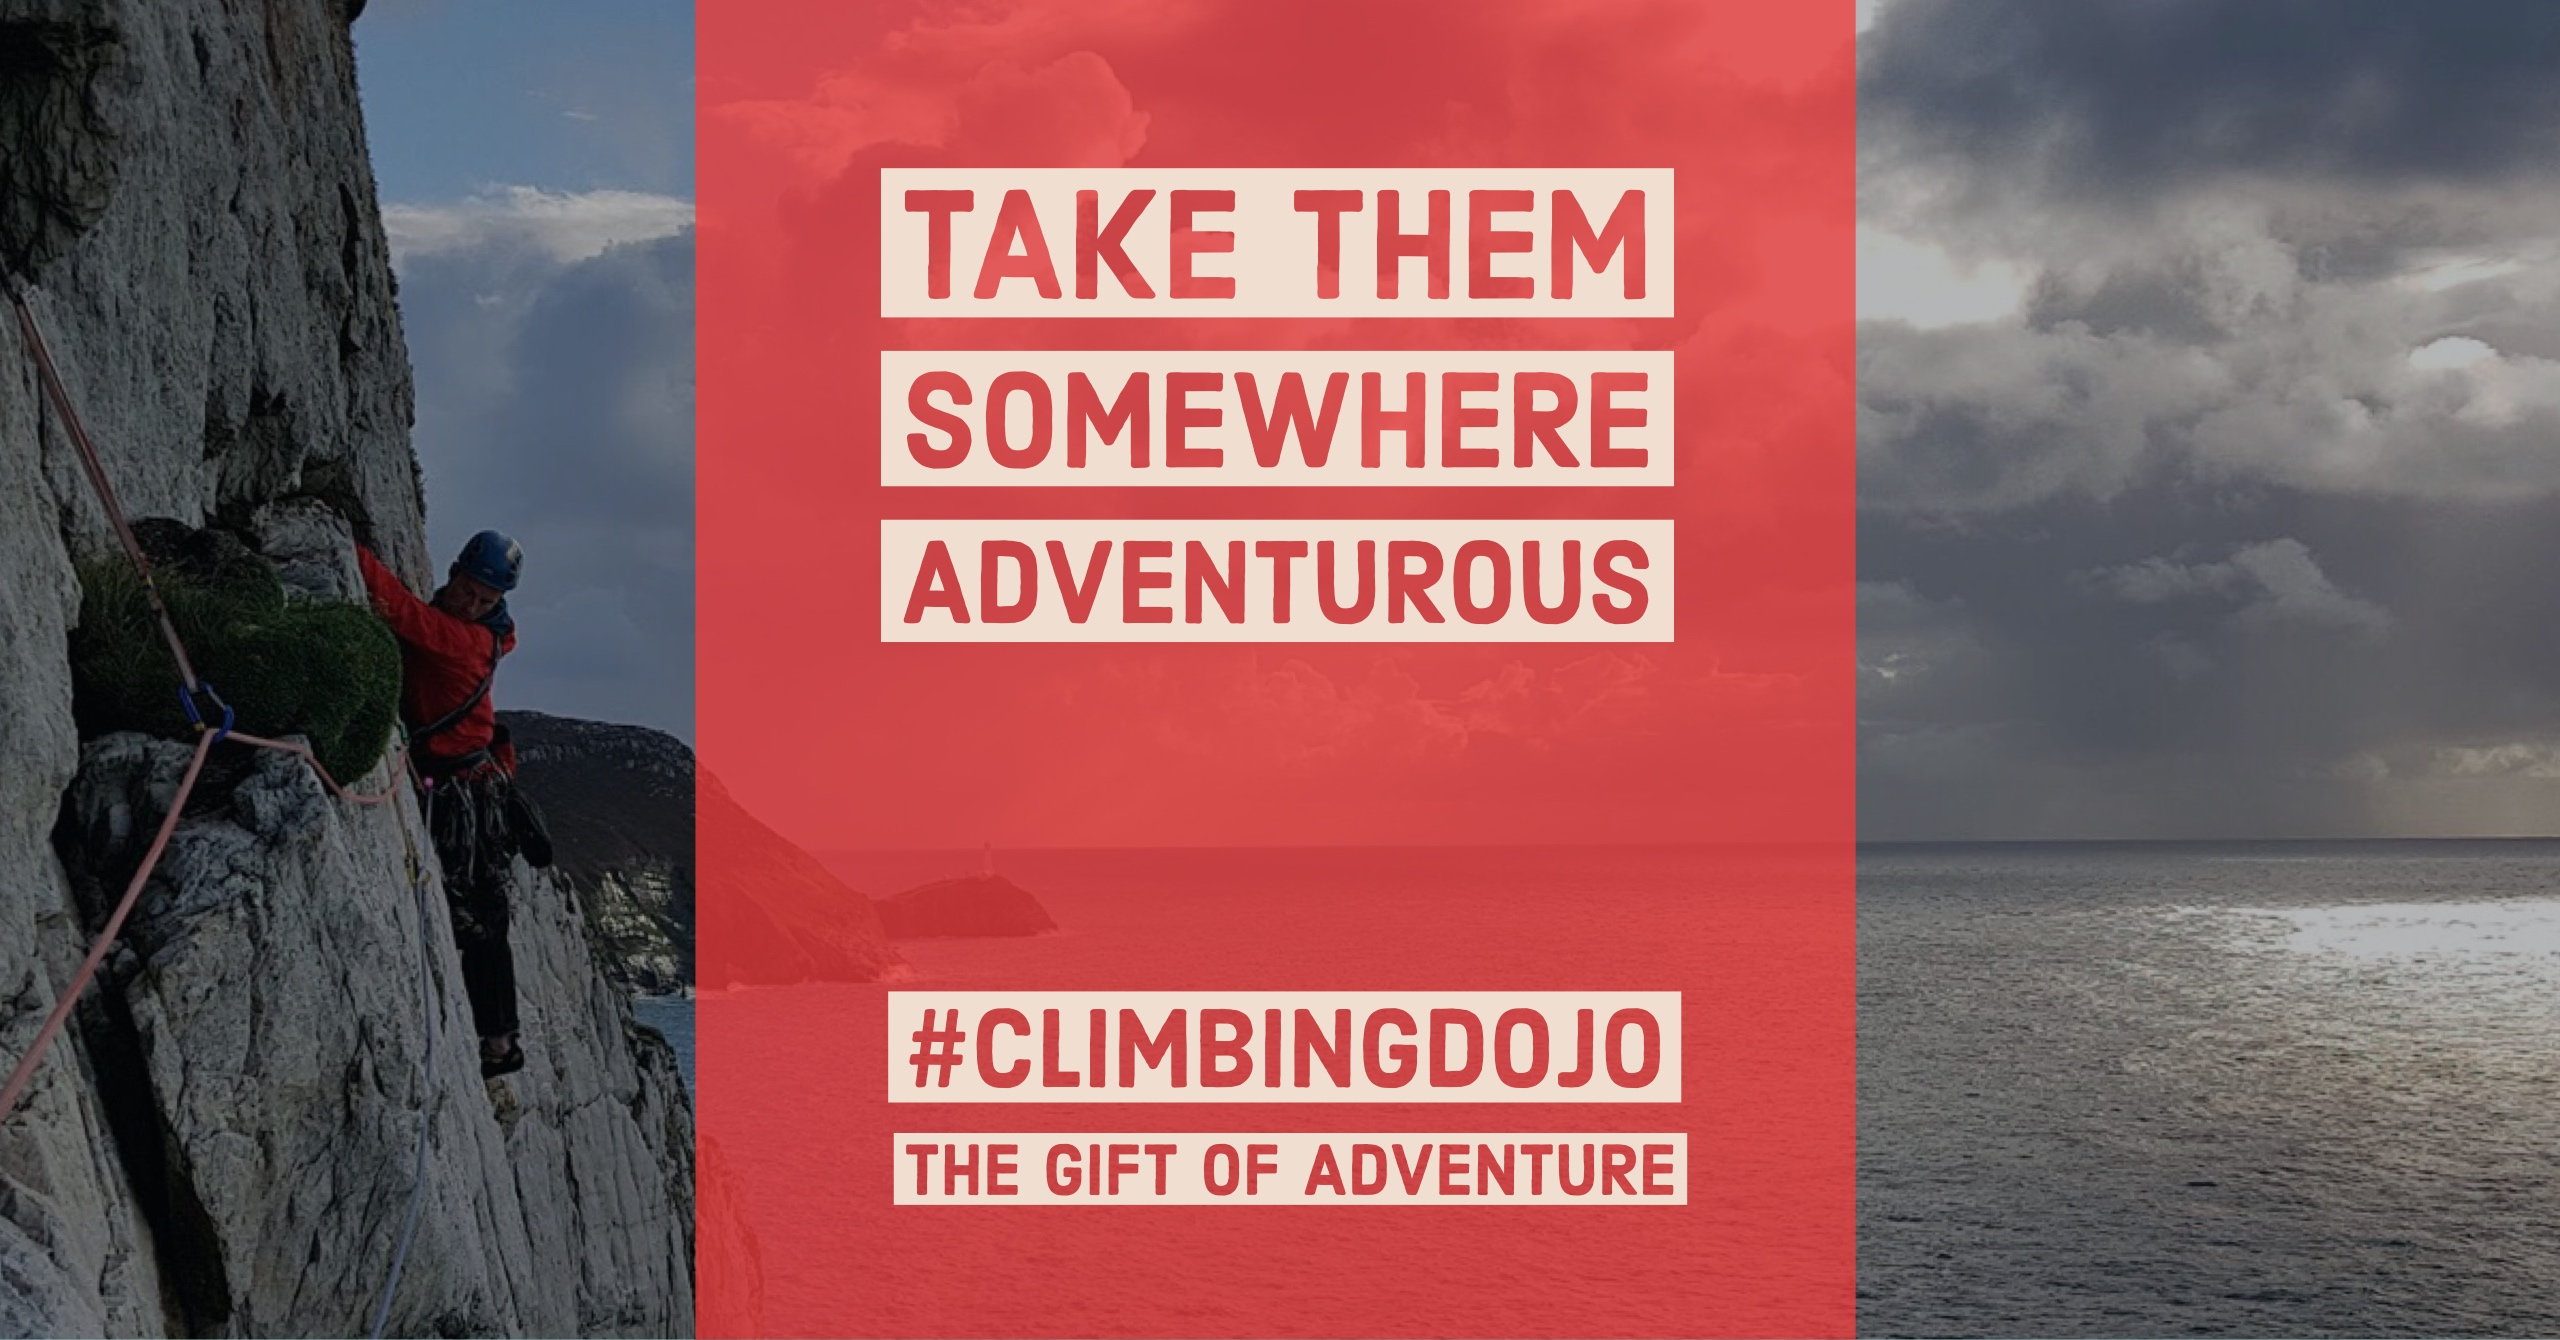 Climbing Dojo Rock Climbing Courses Gift Vouchers